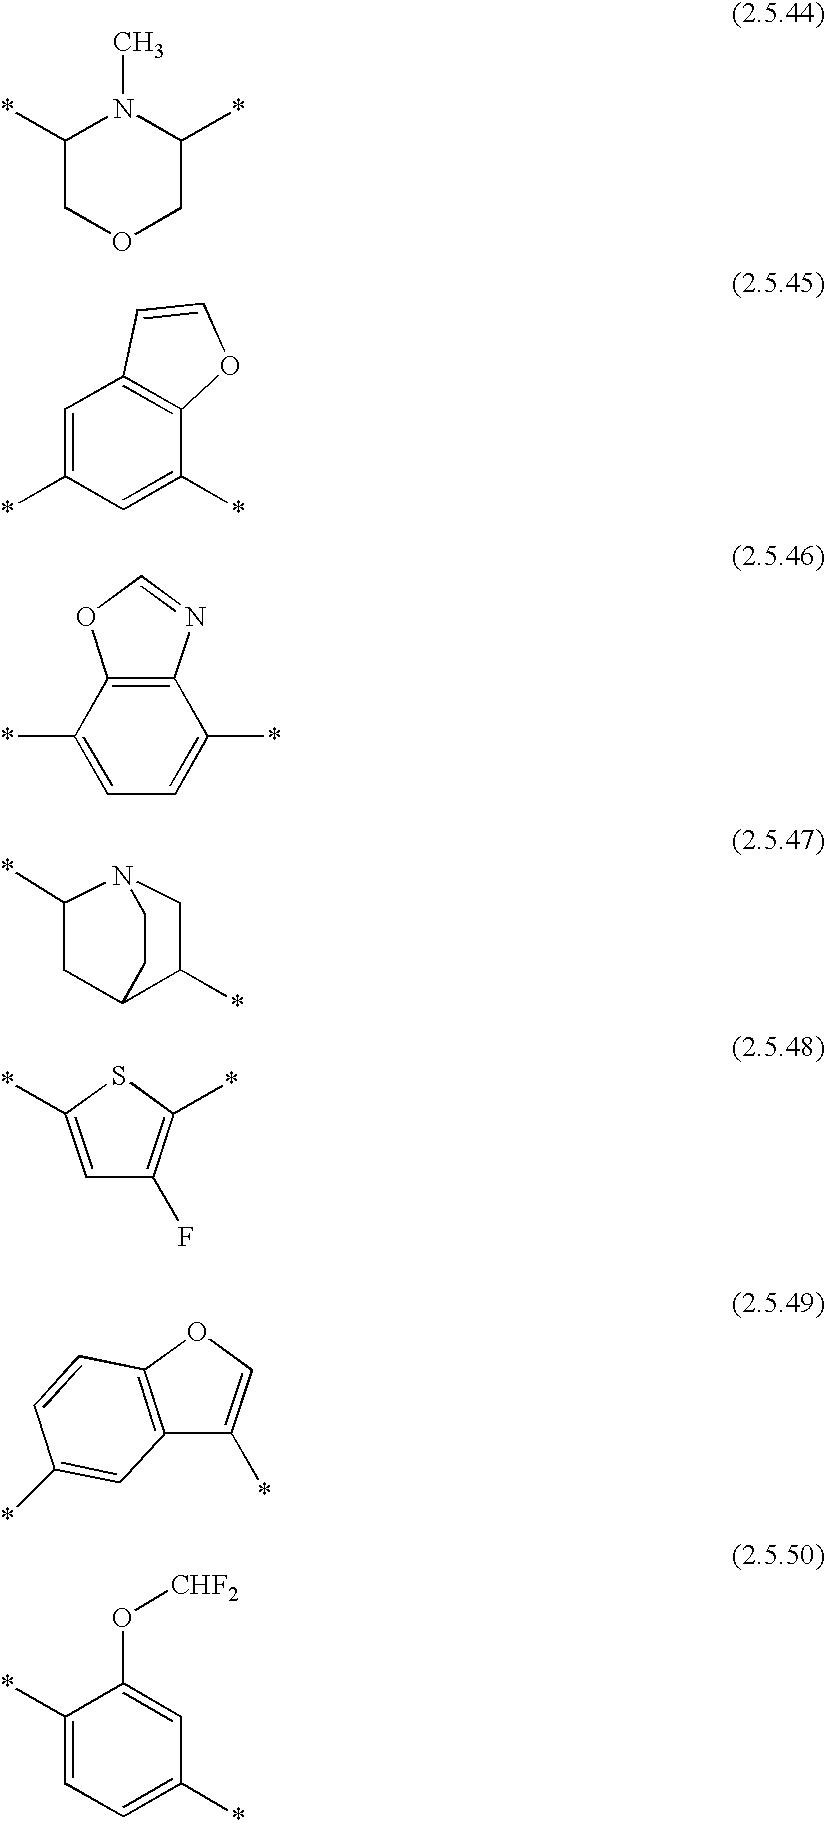 Figure US20030186974A1-20031002-C00072